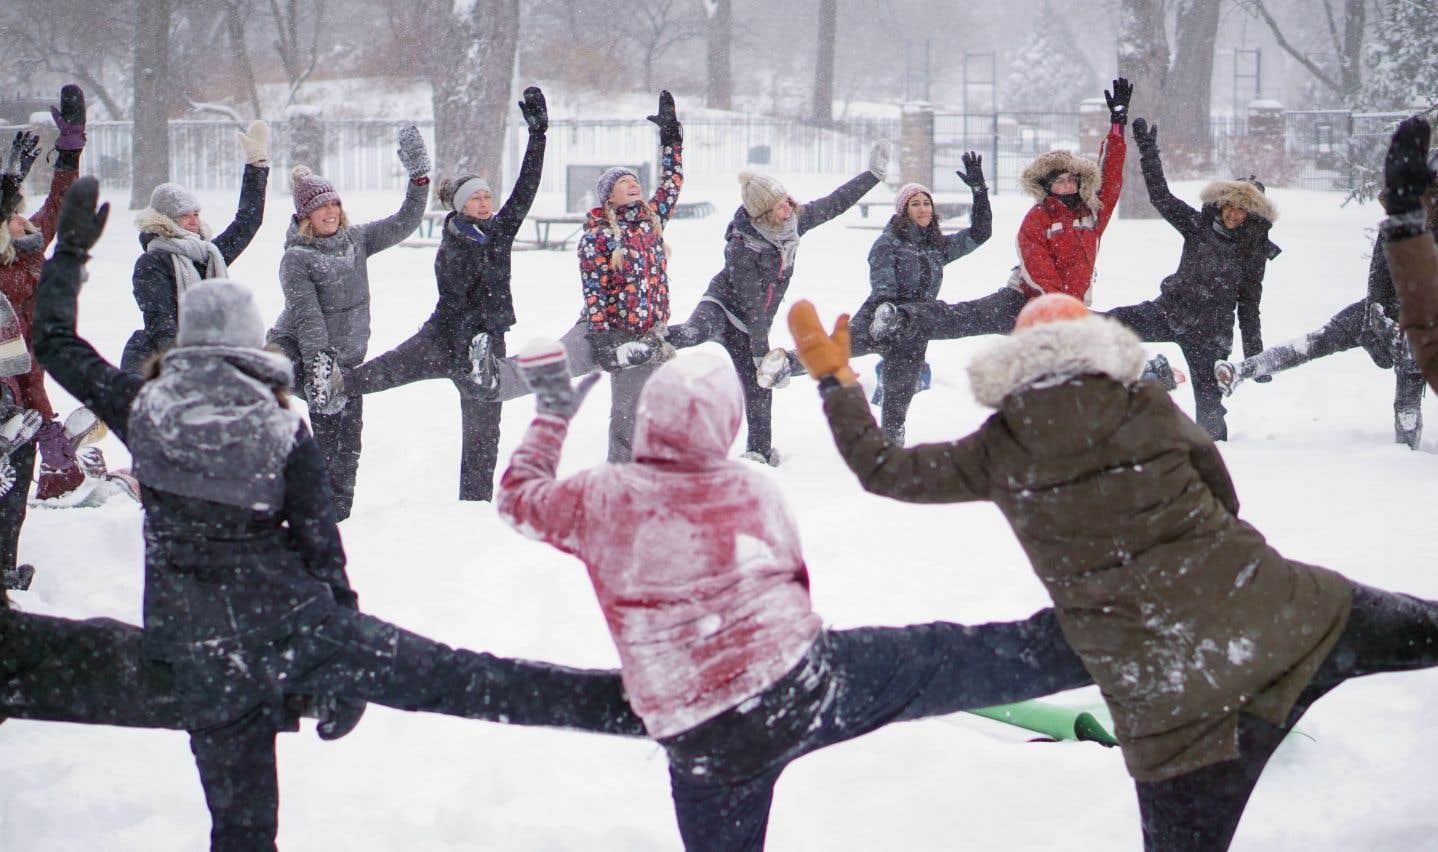 Le «snowga», comme son nom l'indique, invite les yogis à sortir des studios et à pratiquer leur activité préférée dans un décor hivernal.